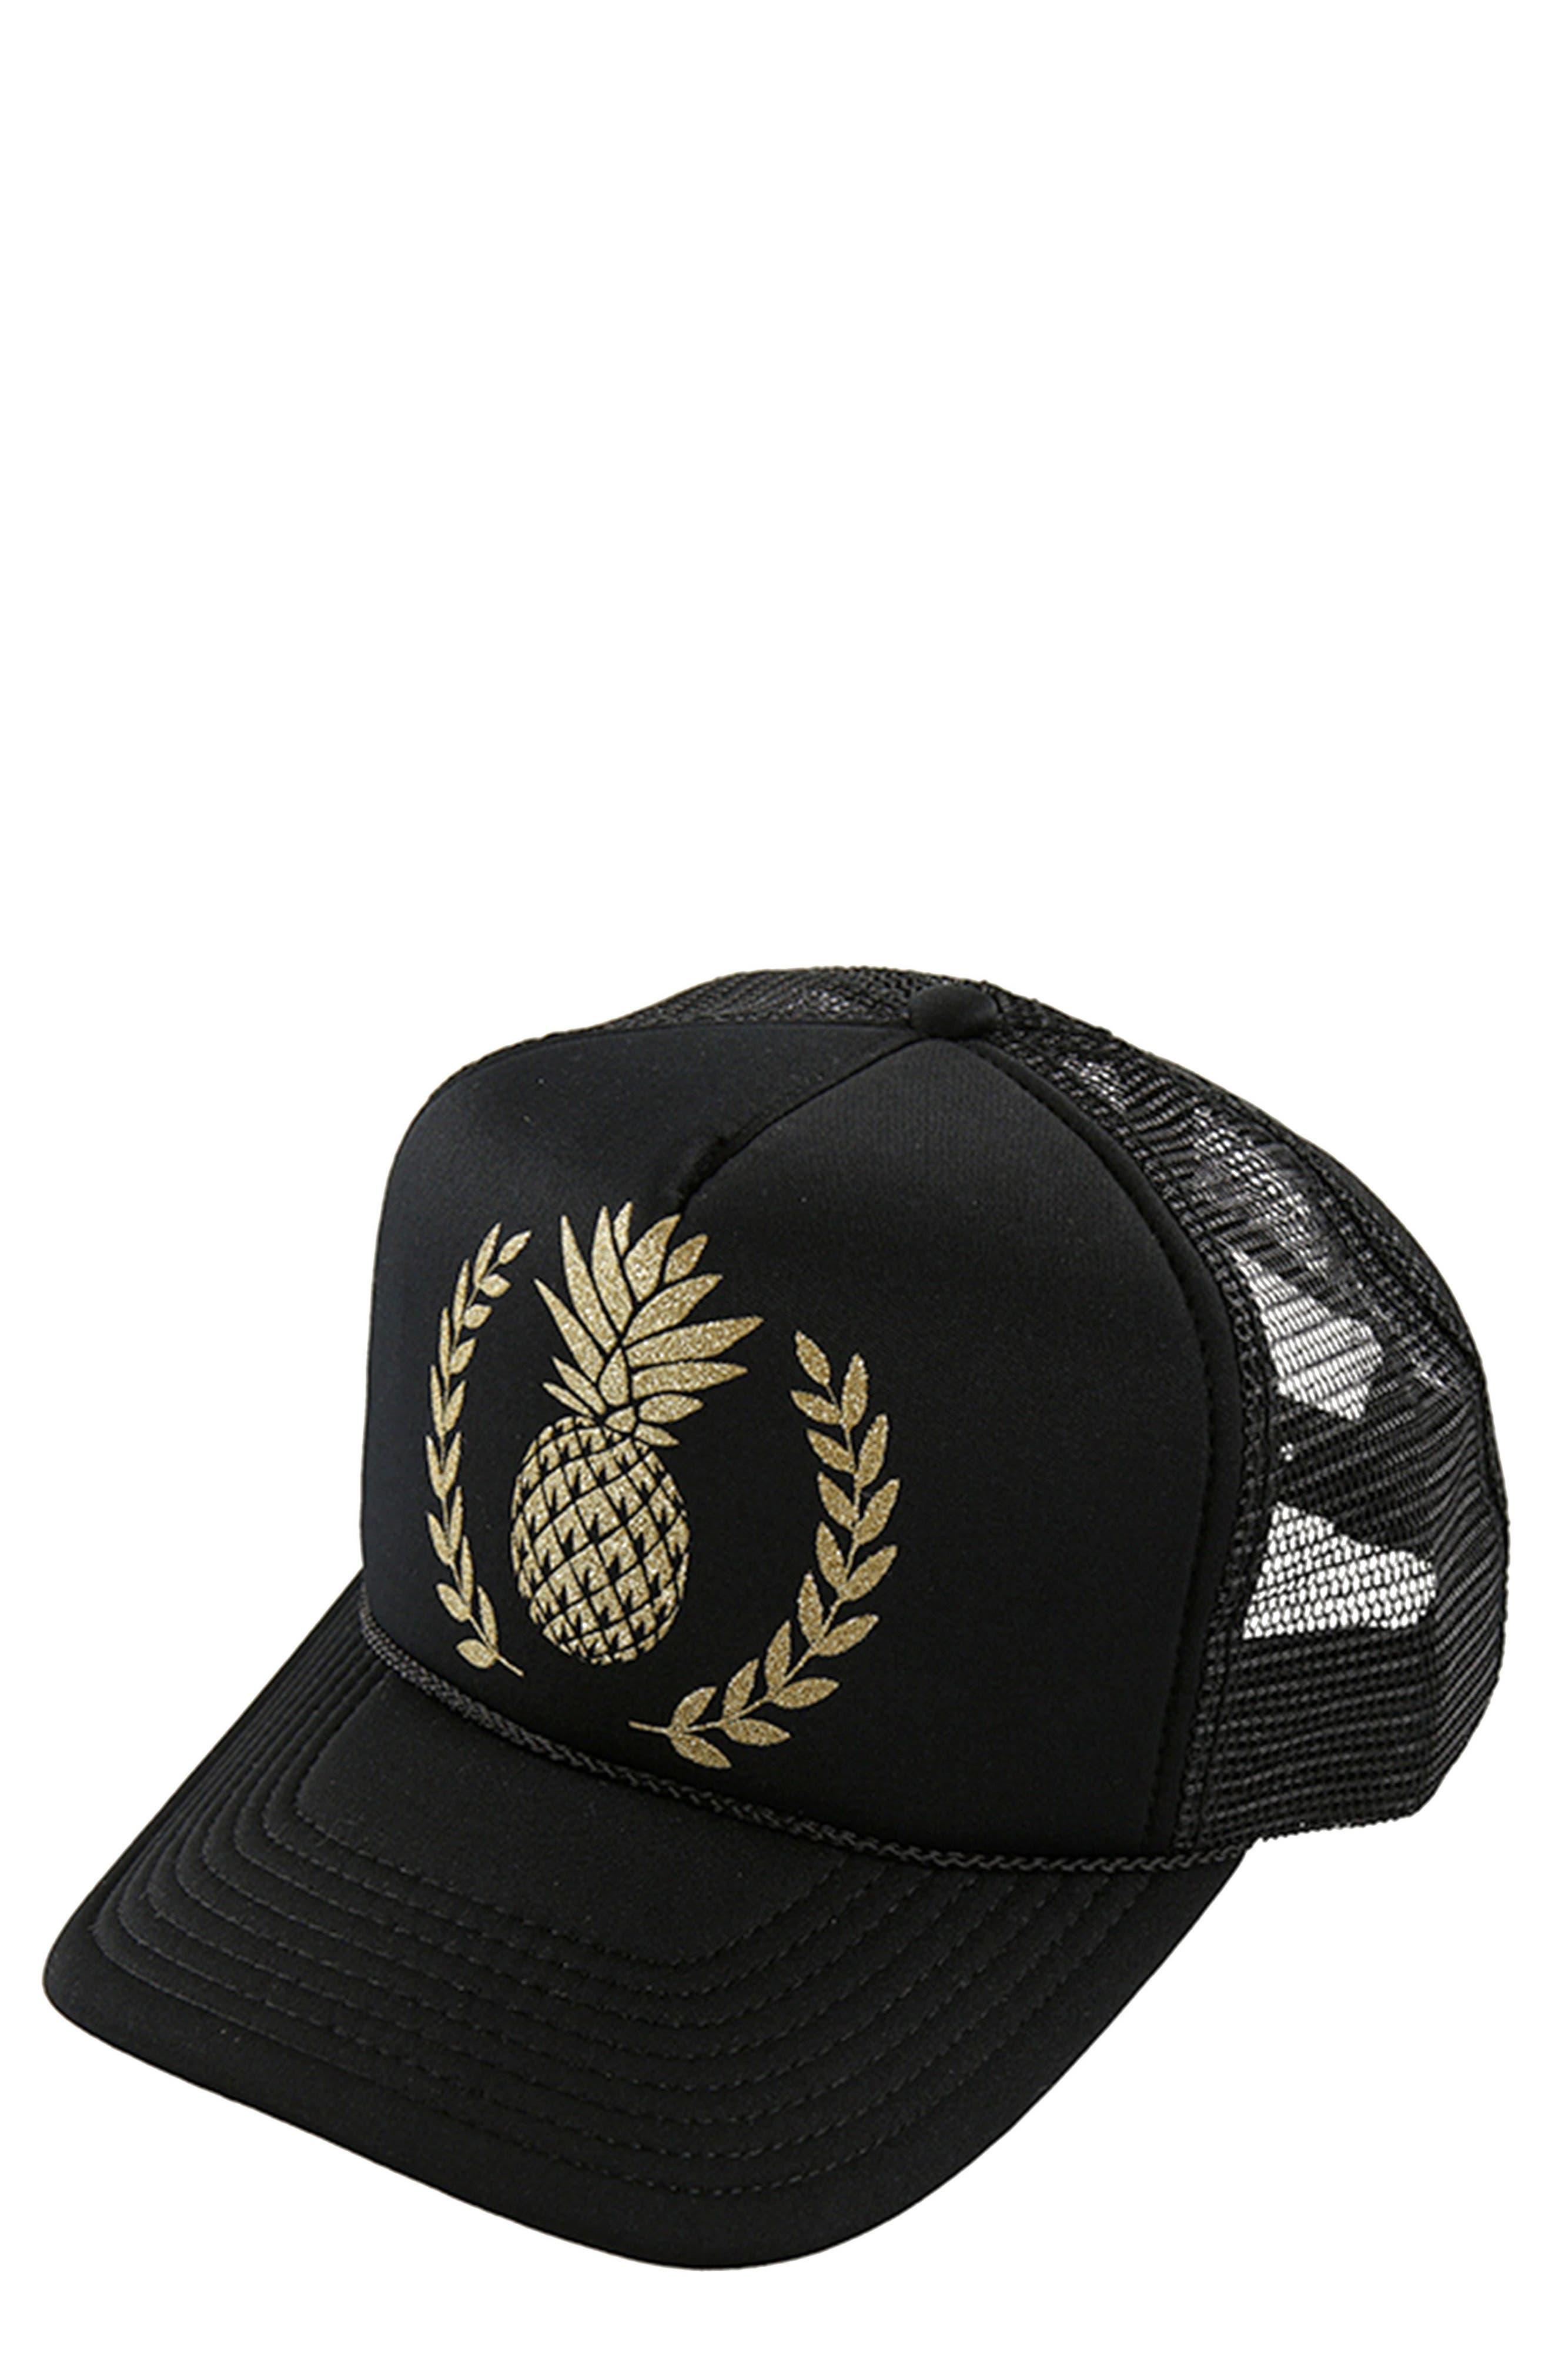 Sunshine Pineapple Trucker Hat,                         Main,                         color, Black